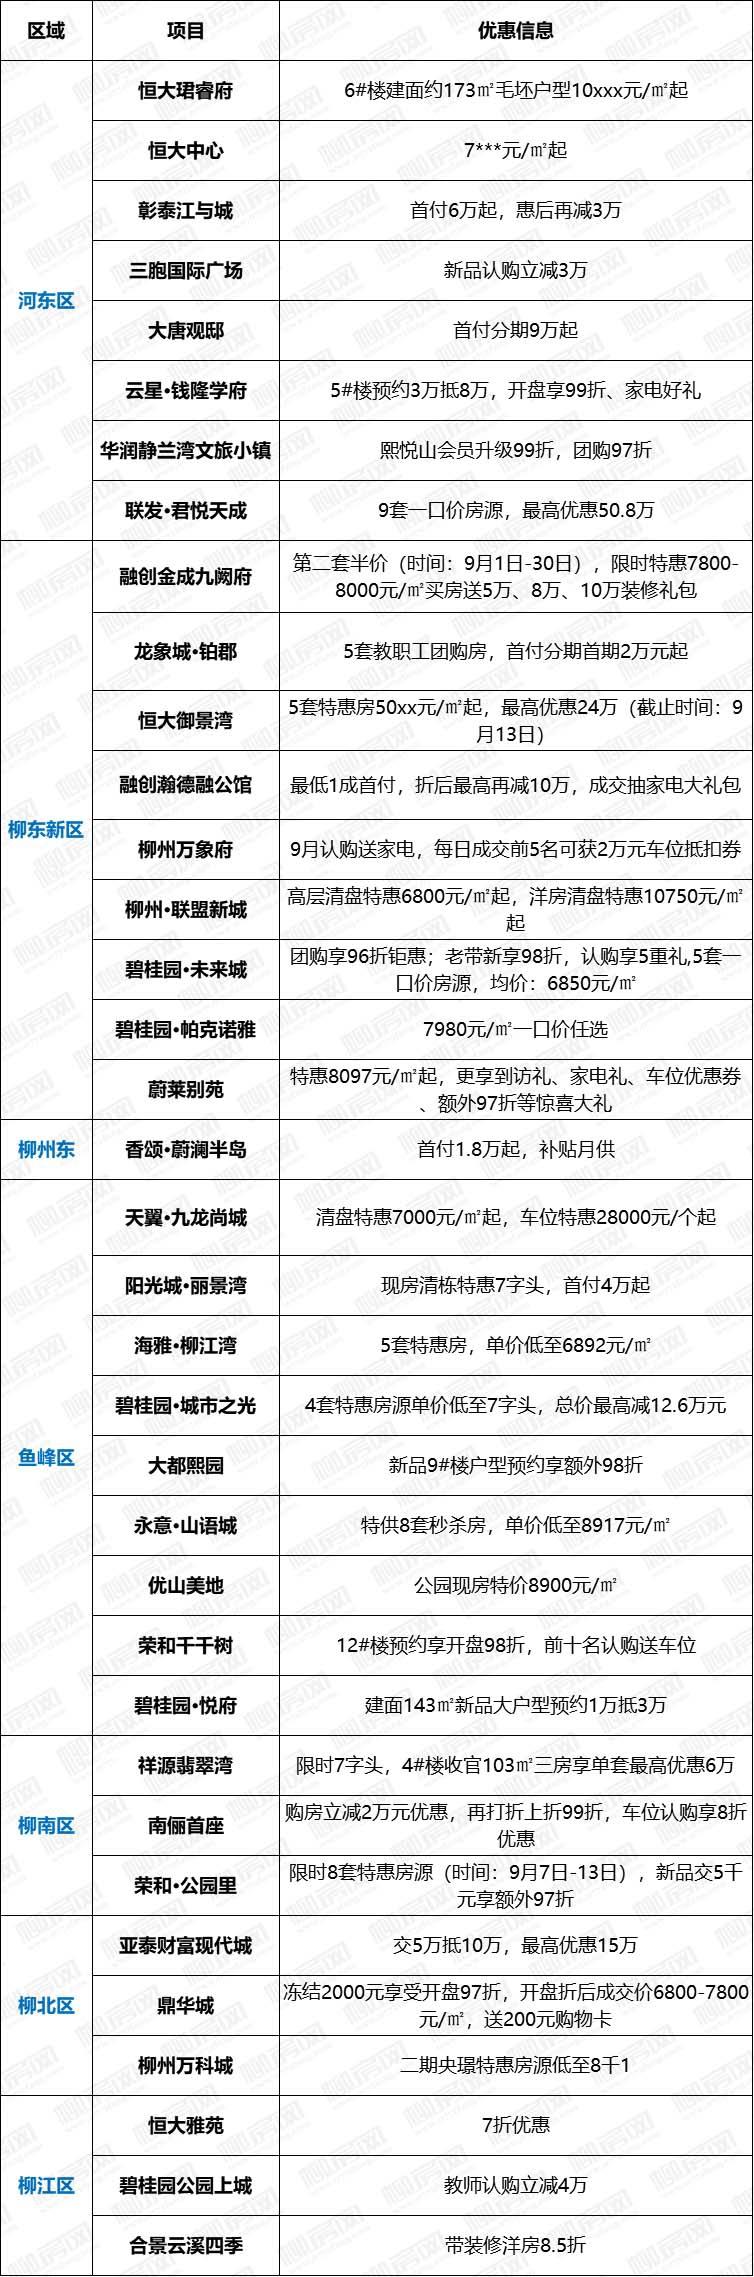 金九优惠图--.jpg